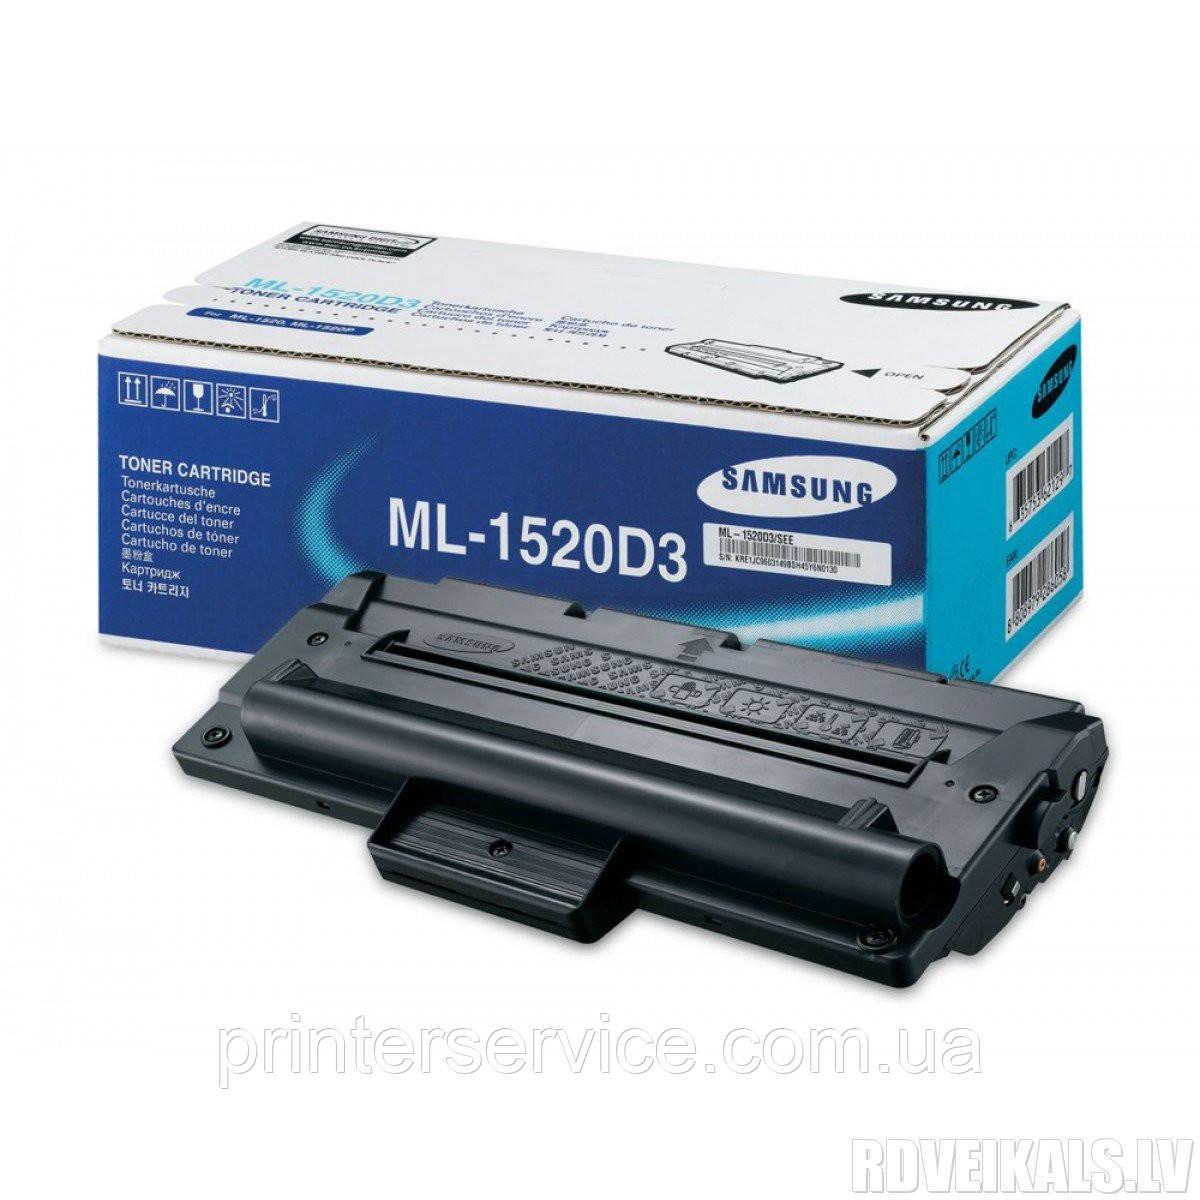 КартриджSamsung ML-1520D3 для ML-1520/1520P